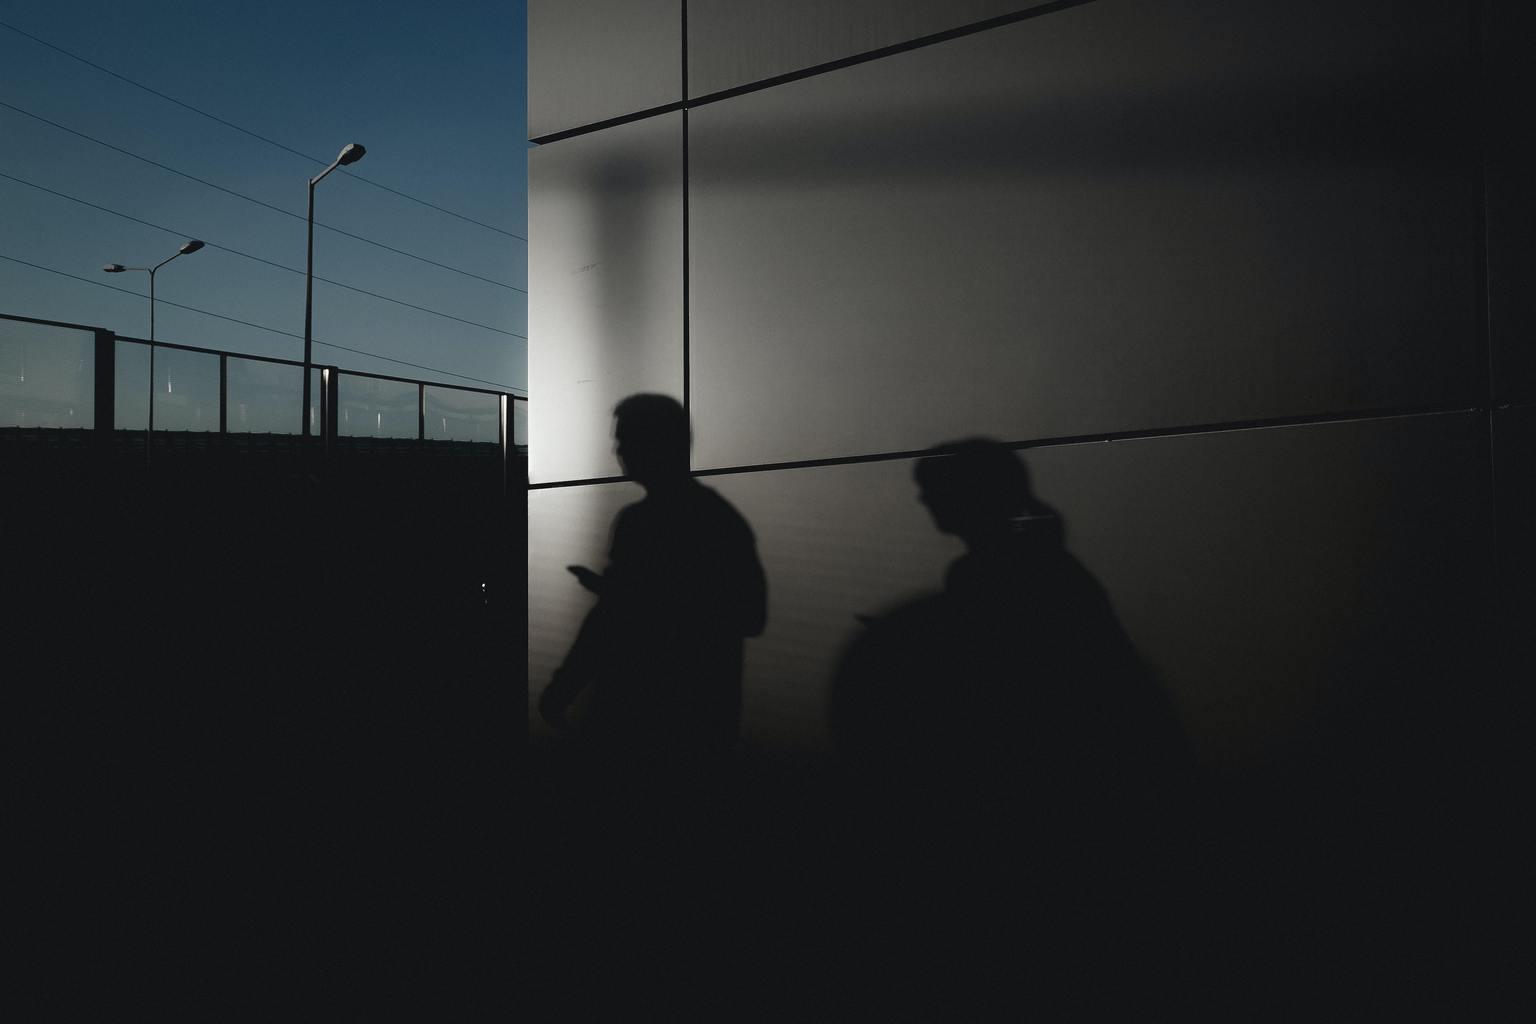 siluetas de gente con móvil en la mano